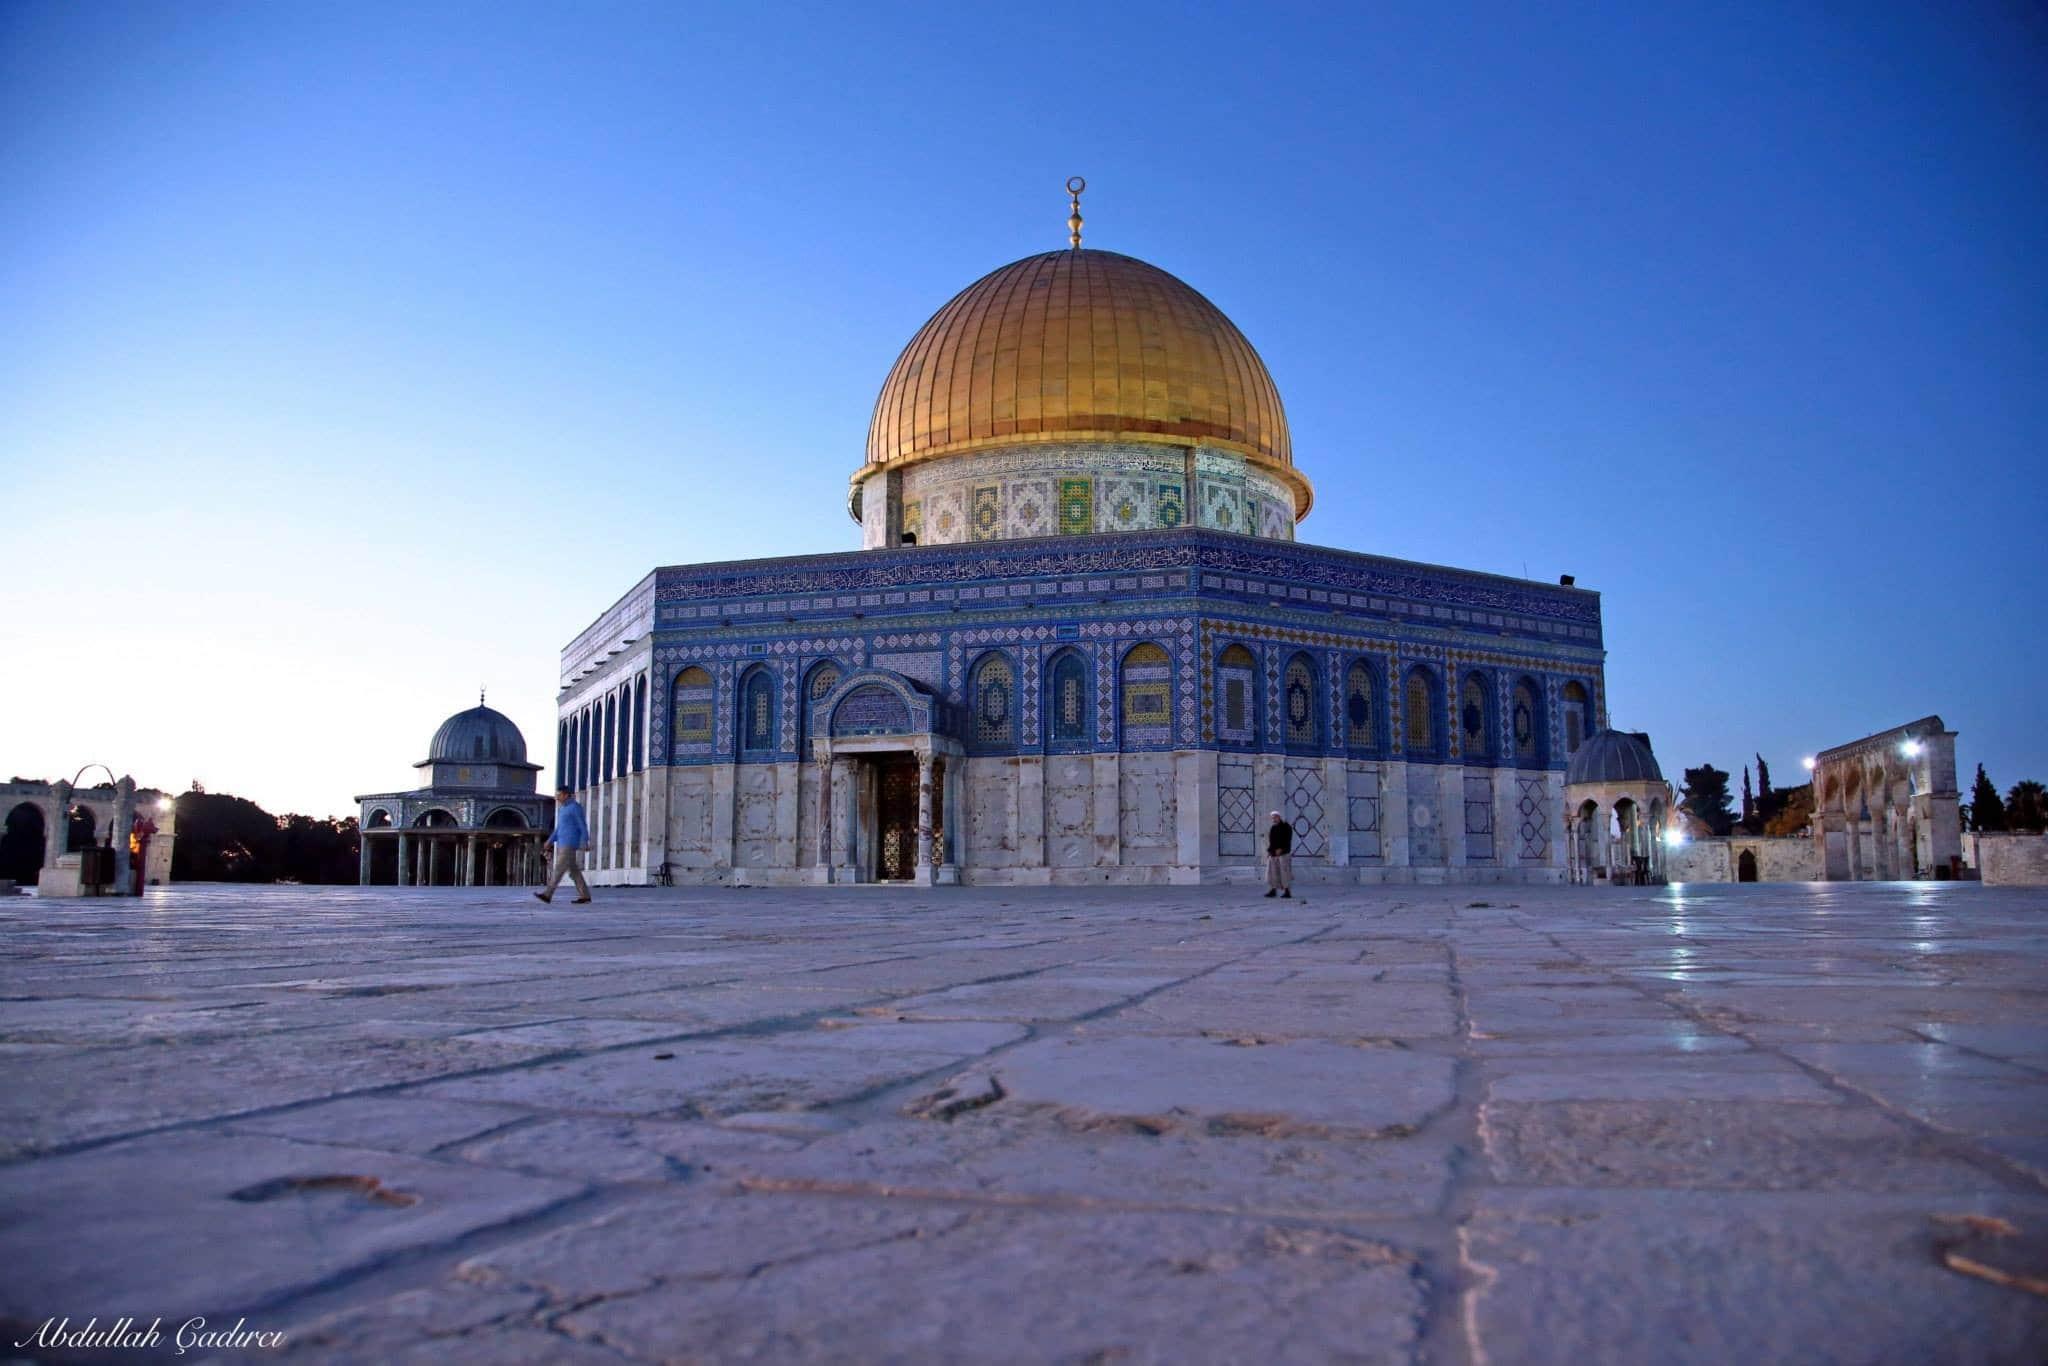 suyun az olup da kanın çok aktığı şehir; kudüs - 1495948 310966745760782 4227695709818022913 o - Suyun az olup da kanın çok aktığı şehir; Kudüs